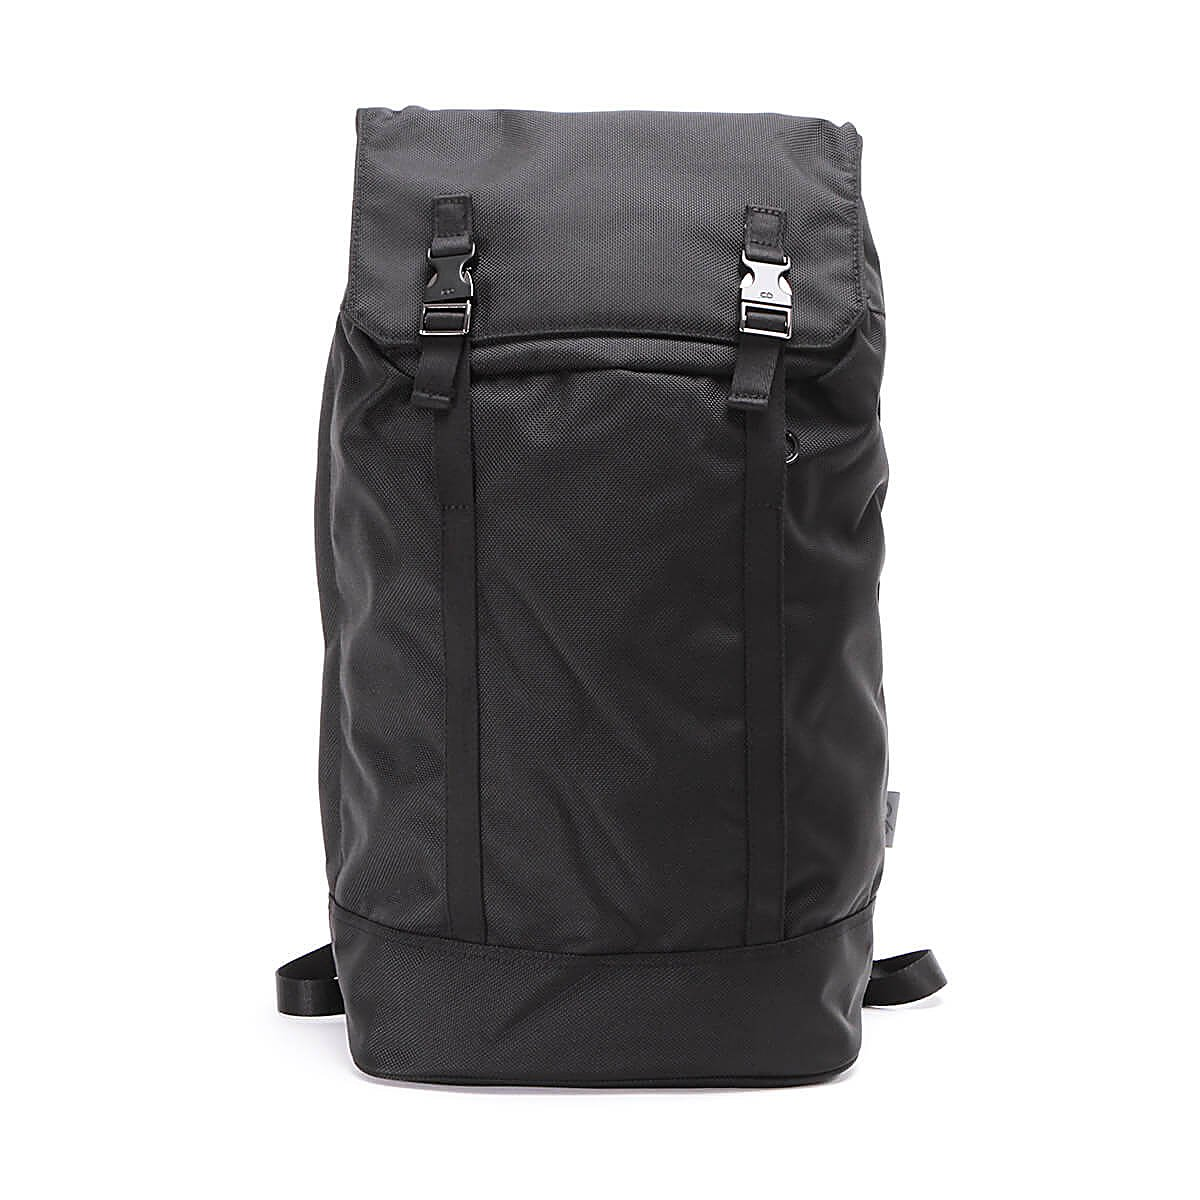 シーシックス リュック Chrysalis Backpack DURABLE NYLON C1928  ブラック B07B467FCY